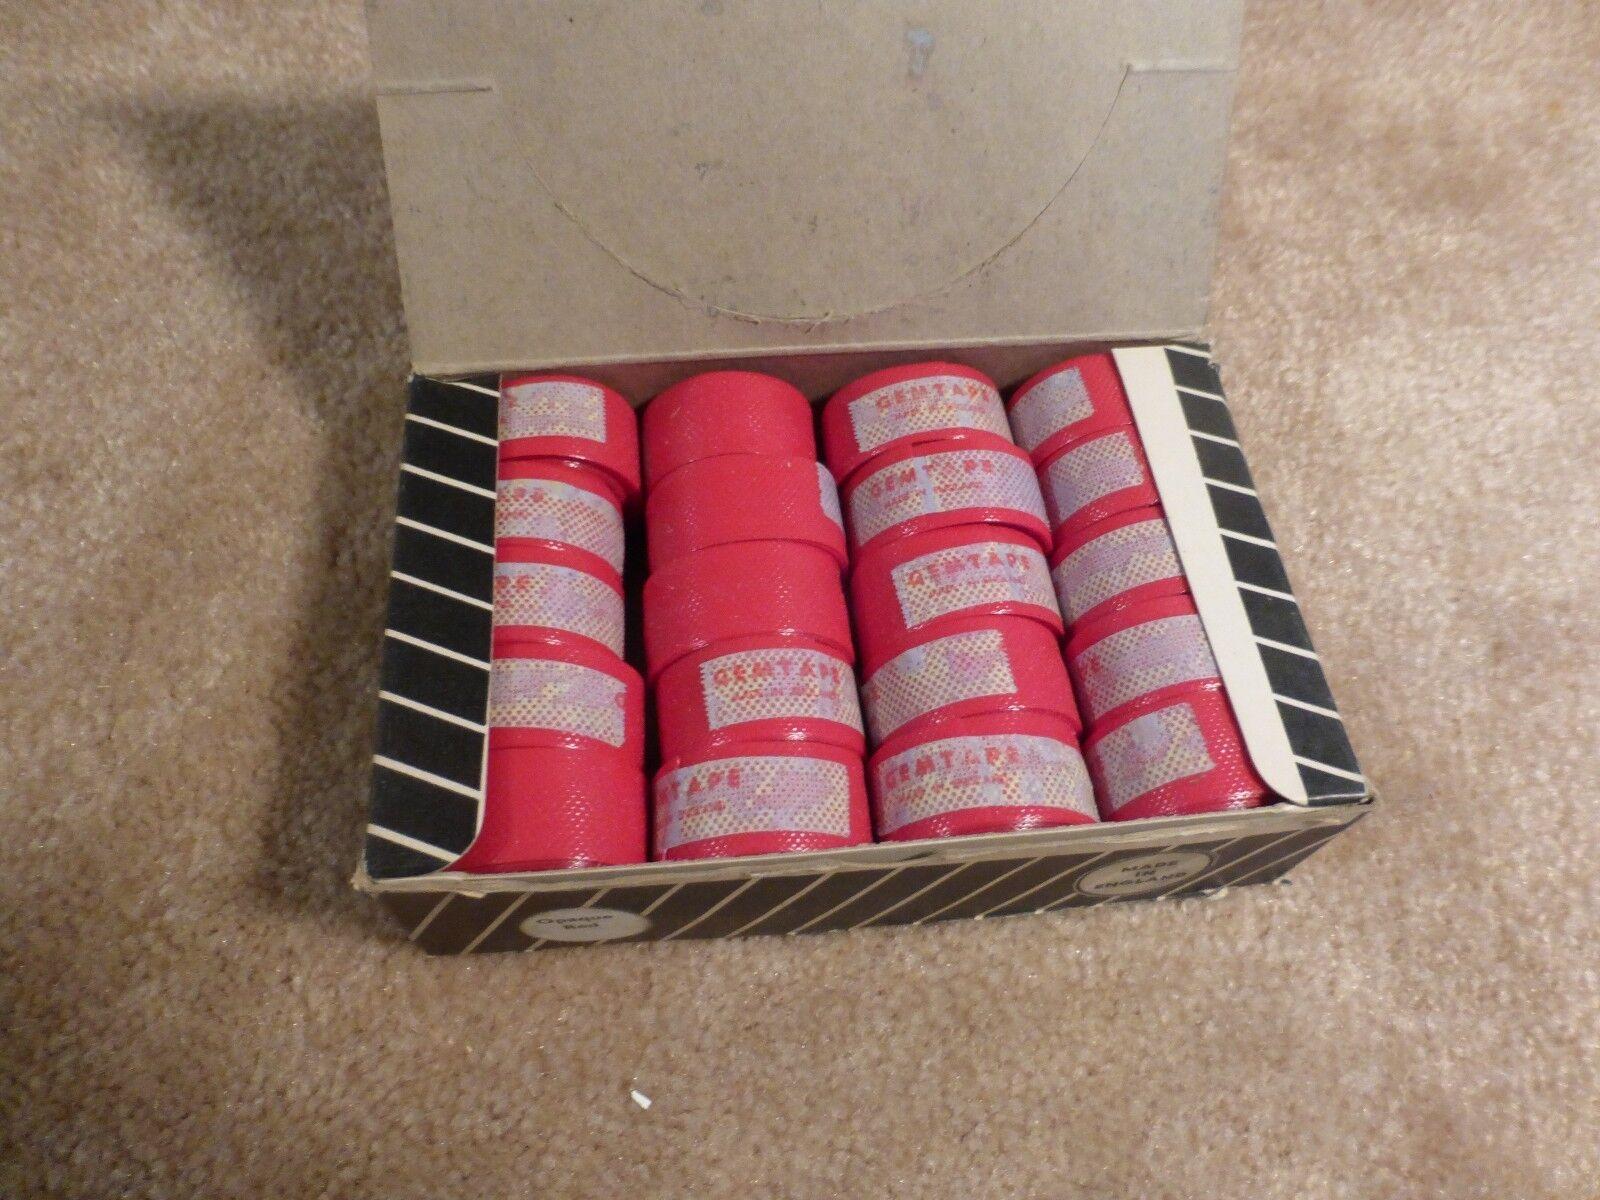 Vintage 1960's  - NOS -  GEM  Plastic Bar Tape - Opaque Red - ( box of 20 Rolls )  best offer